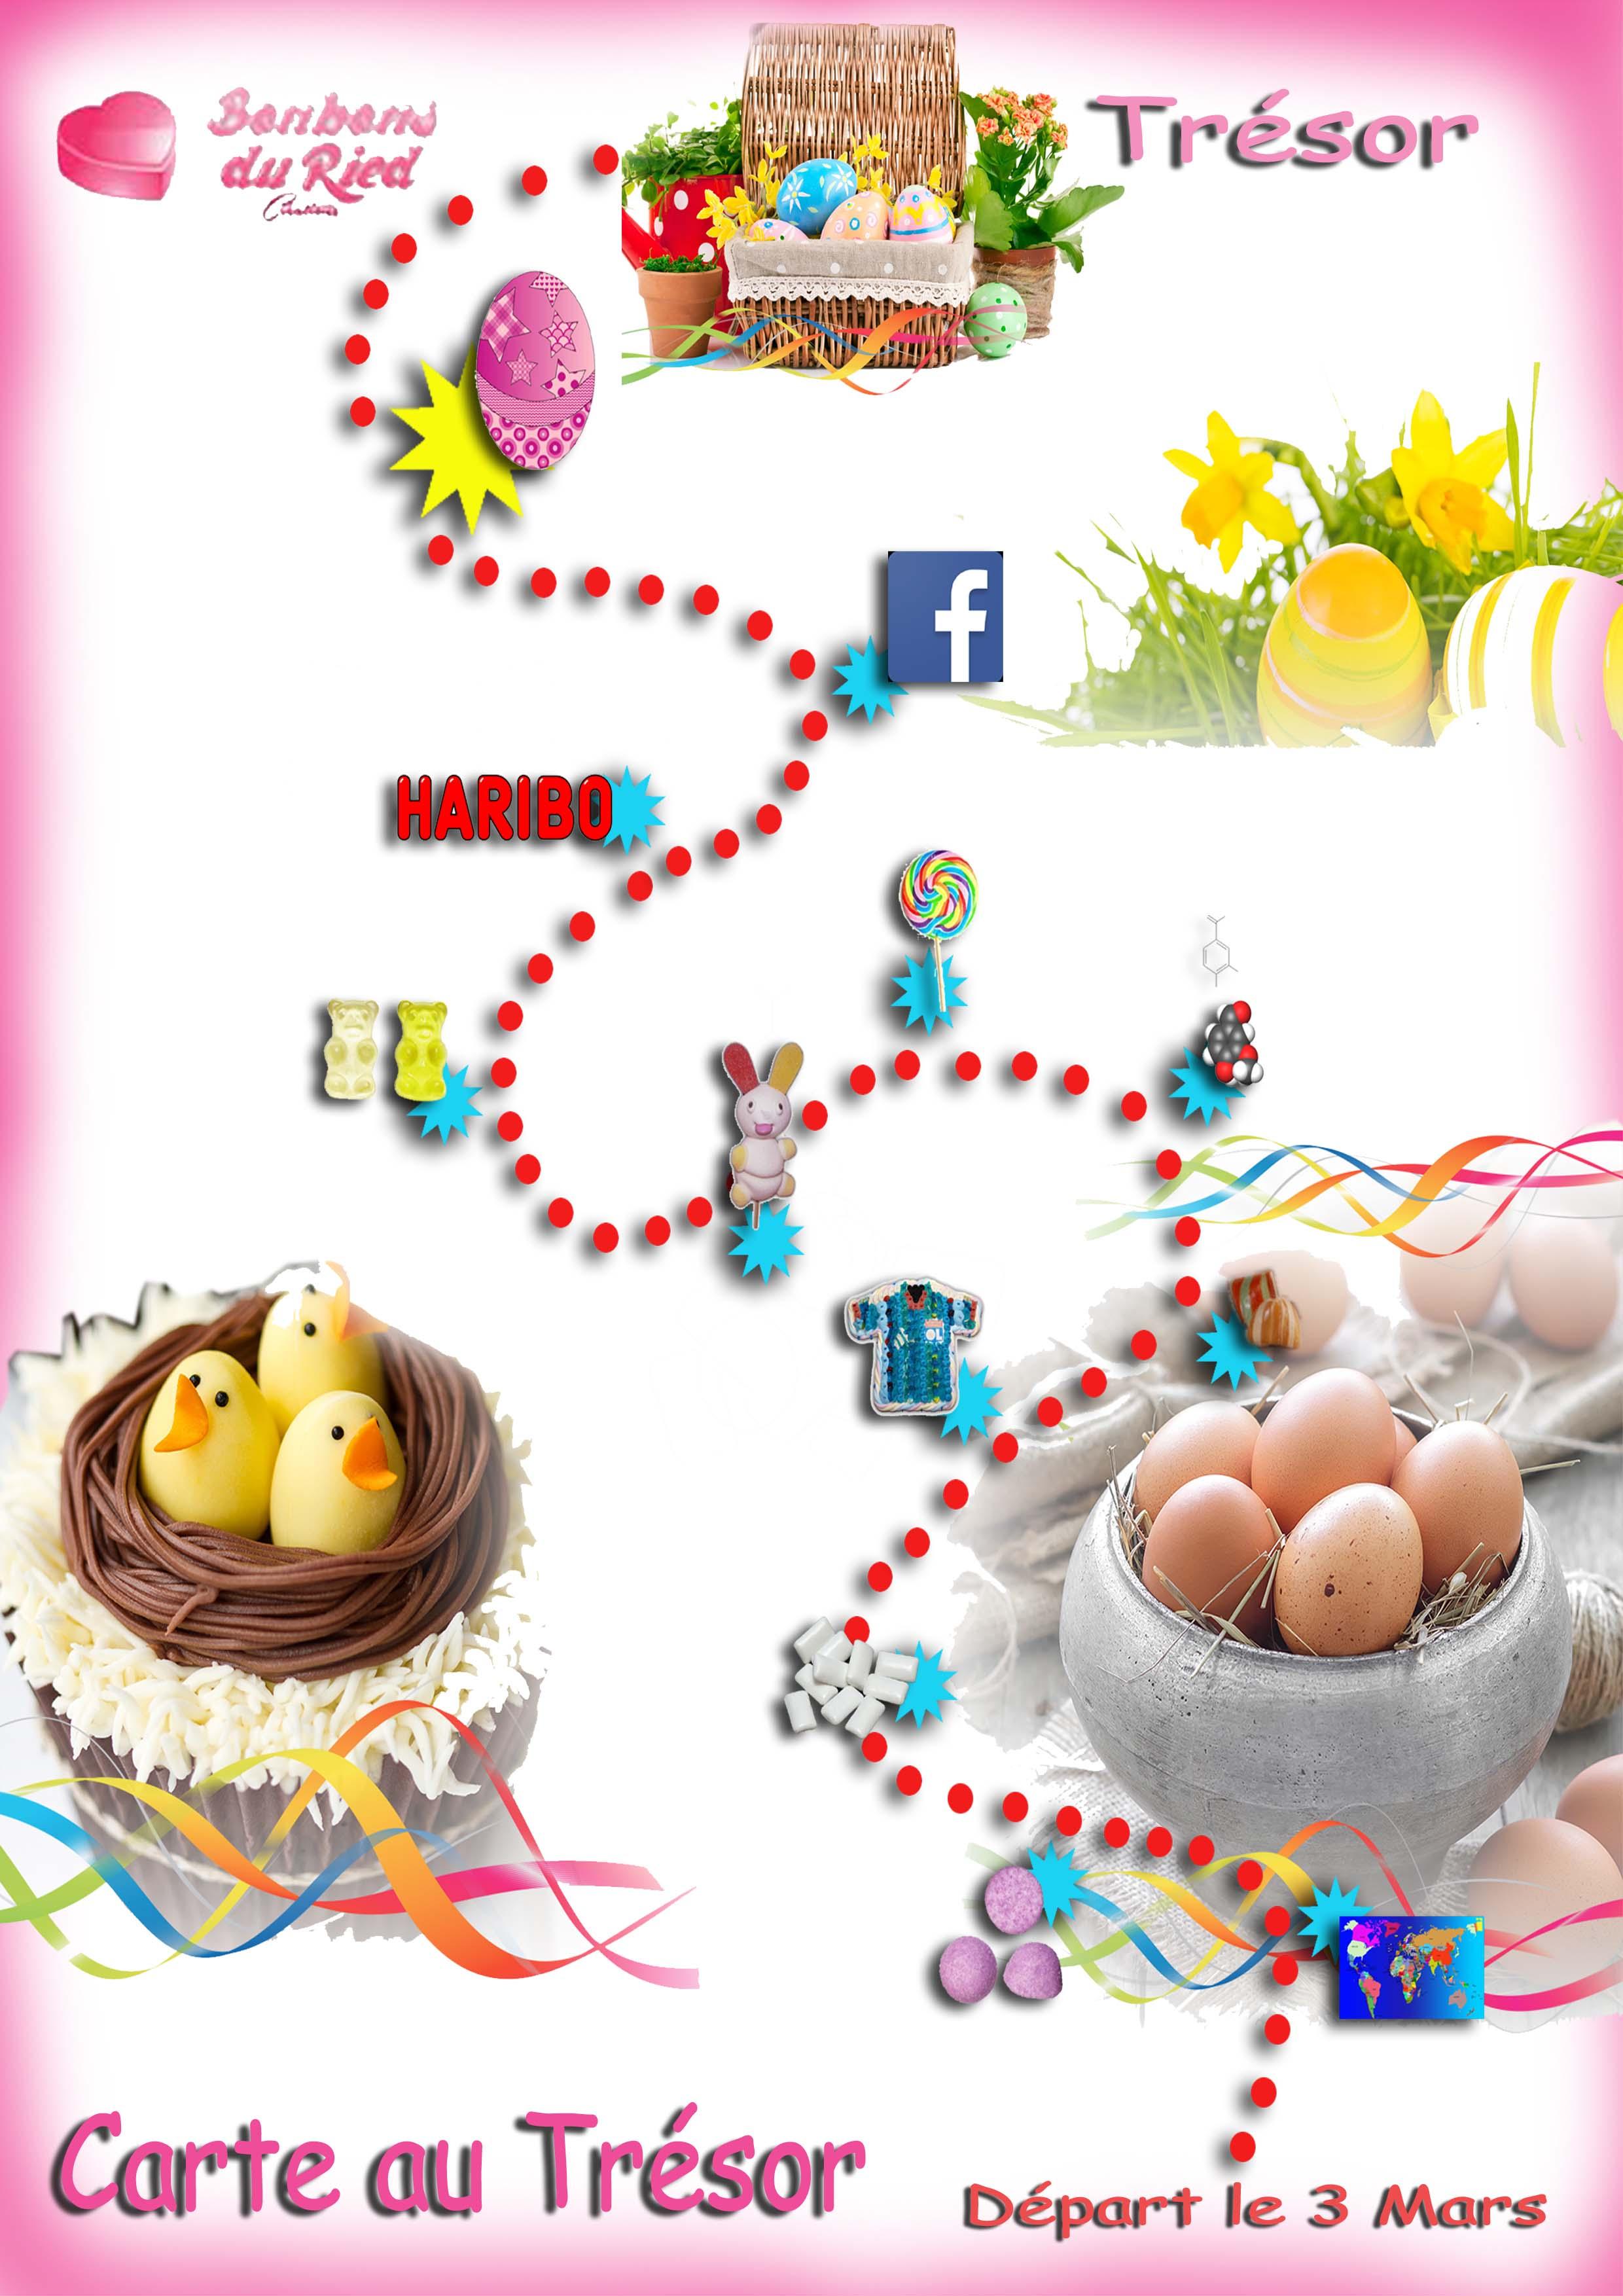 Jouez et gagnez un g teau de bonbons les bonbons du ried - Carte chasse au tresor ...